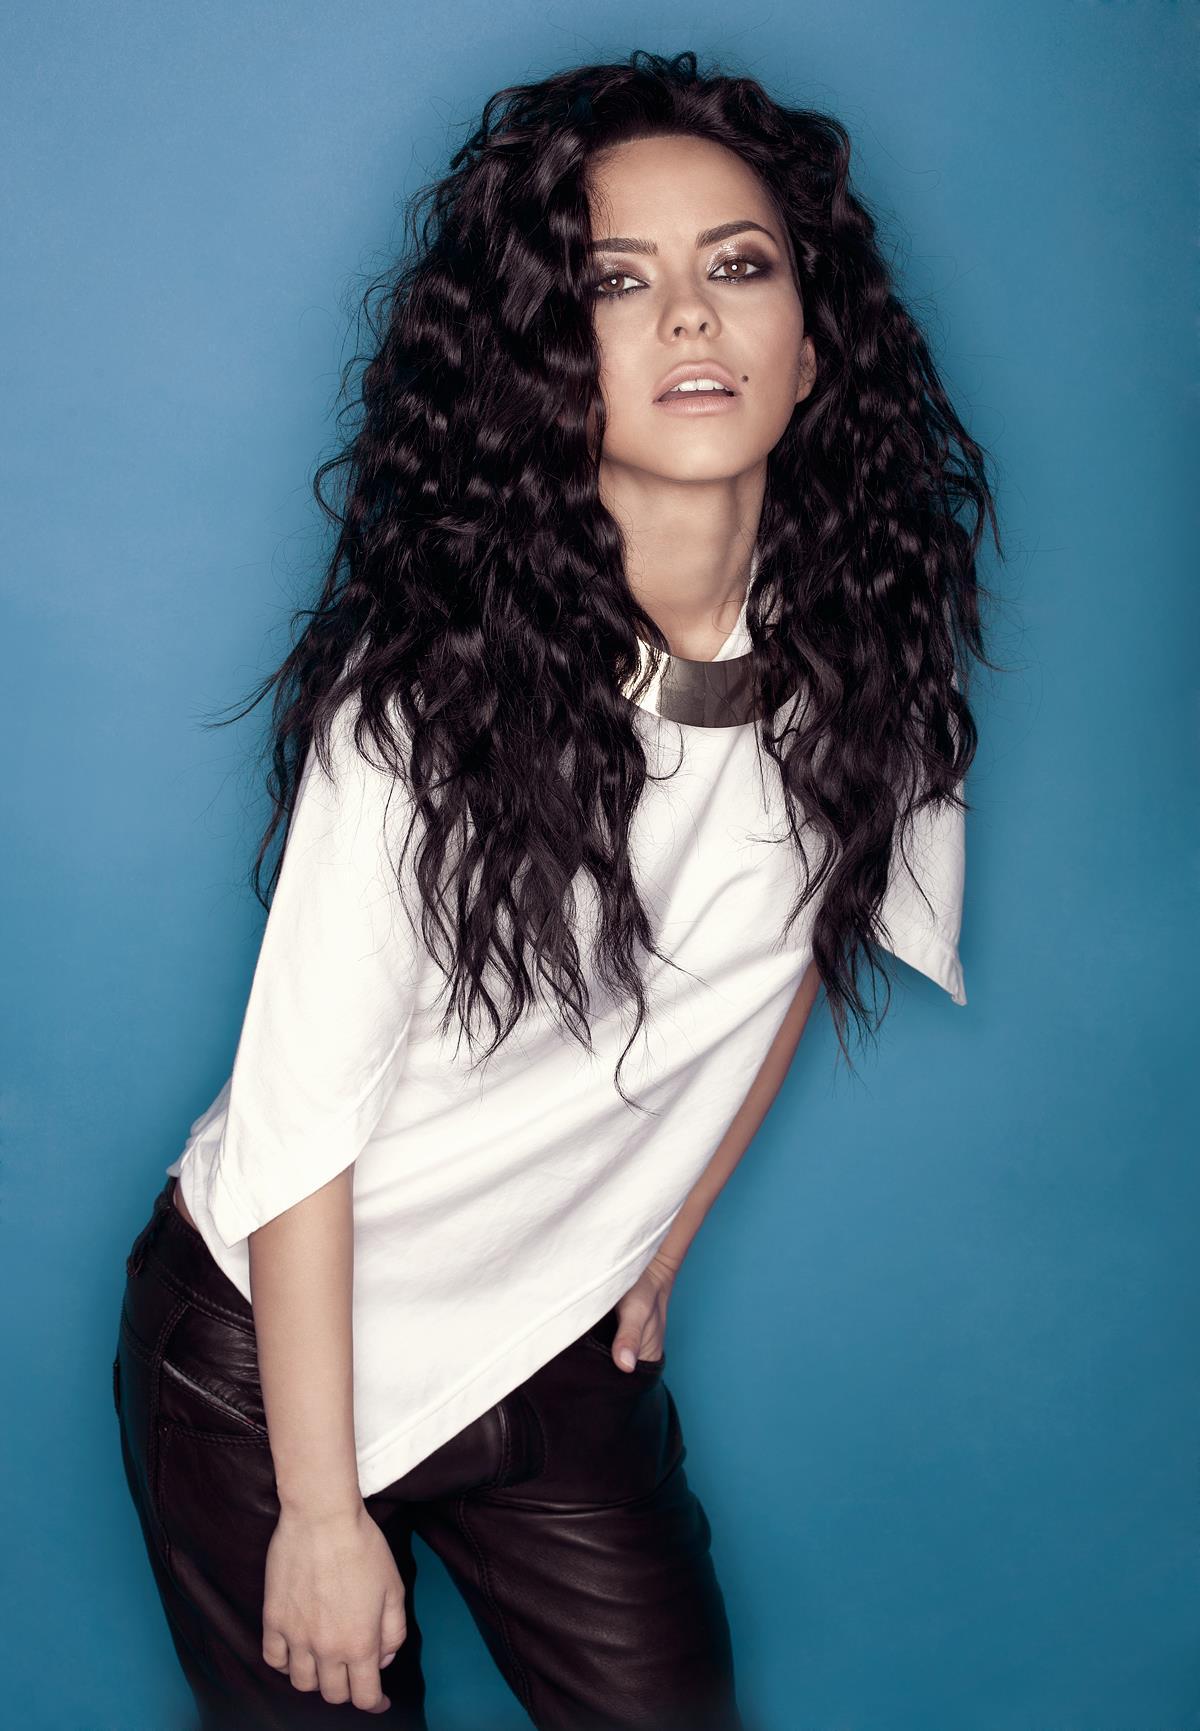 Inna kvirtiya - a model from Azerbaijan | Model Management  |Inna